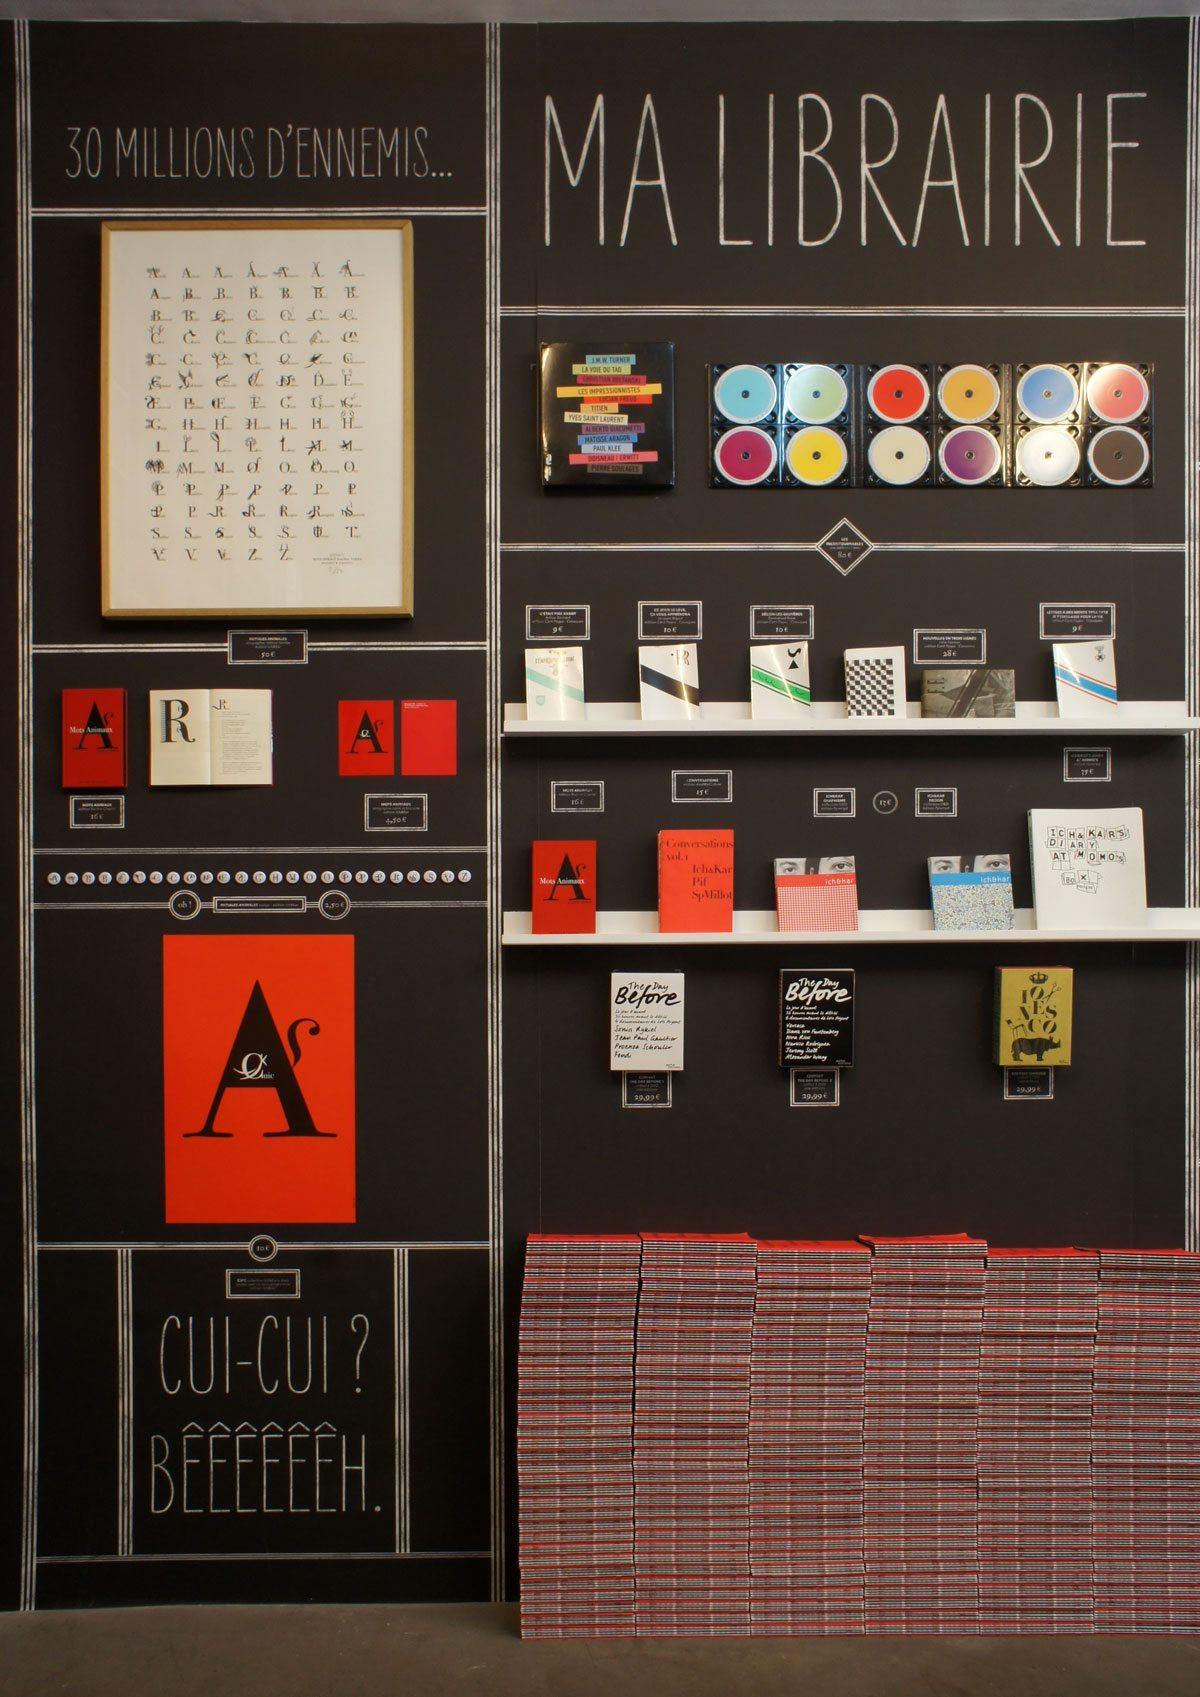 Le papier peint avec mots animaux, poster, badges, livres, une création IchetKar